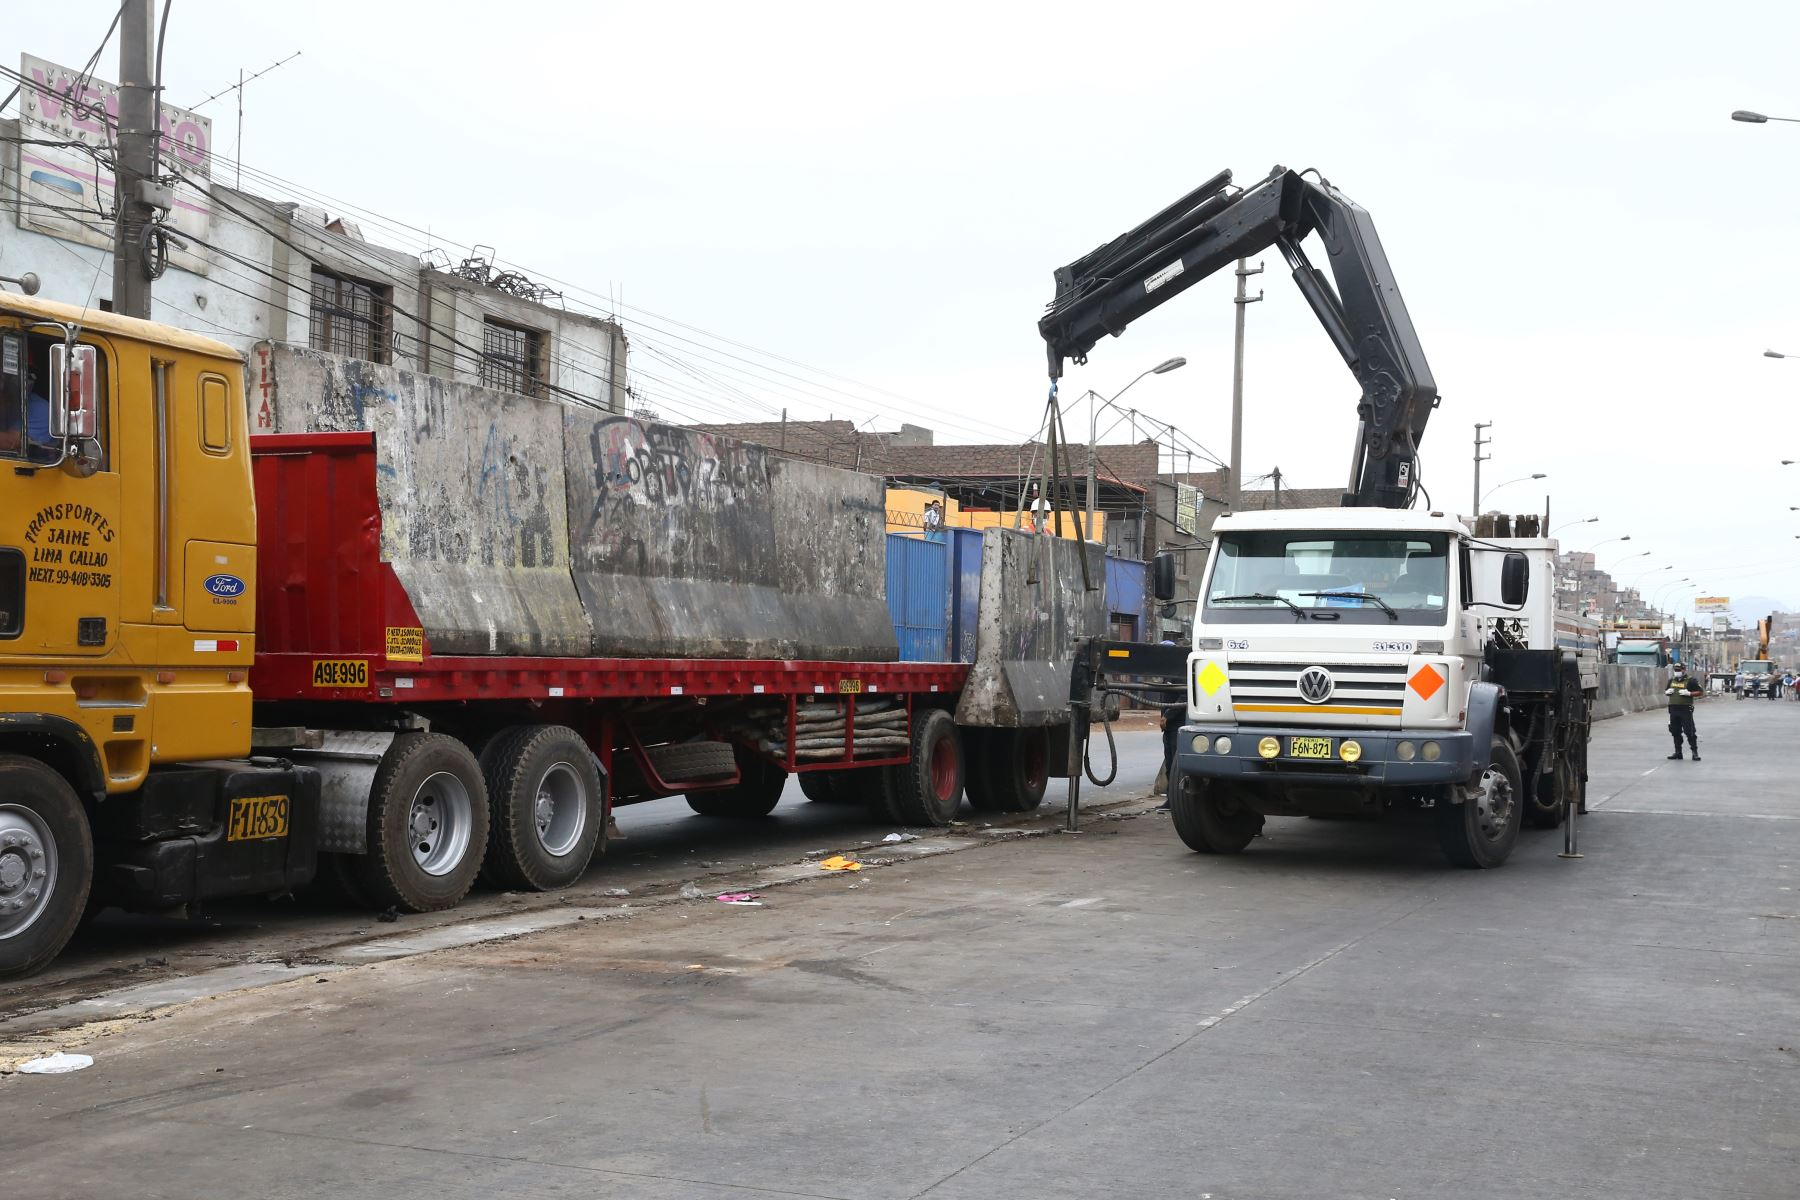 Municipalidad de Lima y la PNP realizaron la remoción de bloques de cemento que durante años había servido para que los ambulantes lotizaran diferentes sectores en la  Av. Nicolas Ayllon. Foto: ANDINA/Vidal Tarqui